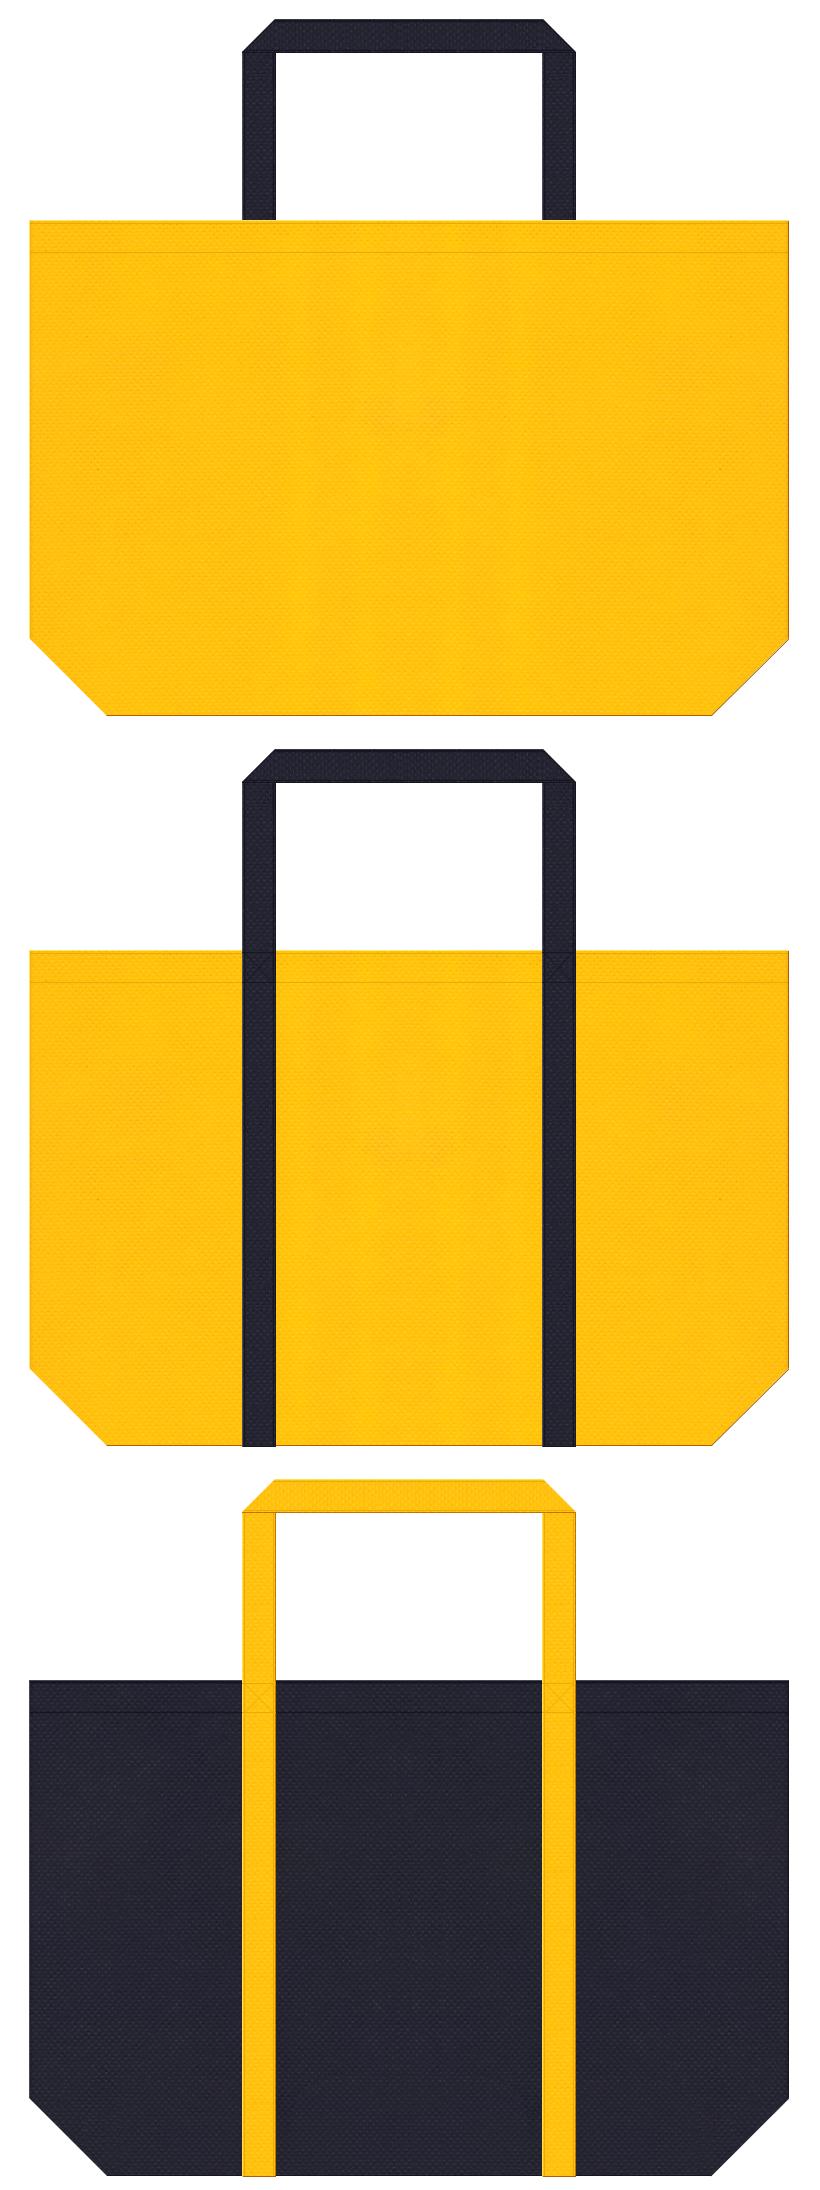 家電・電気・通信・スポーツイベント・登山・アウトドア・キャンプ用品のショッピングバッグにお奨めの不織布バッグデザイン:黄色と濃紺色のコーデ